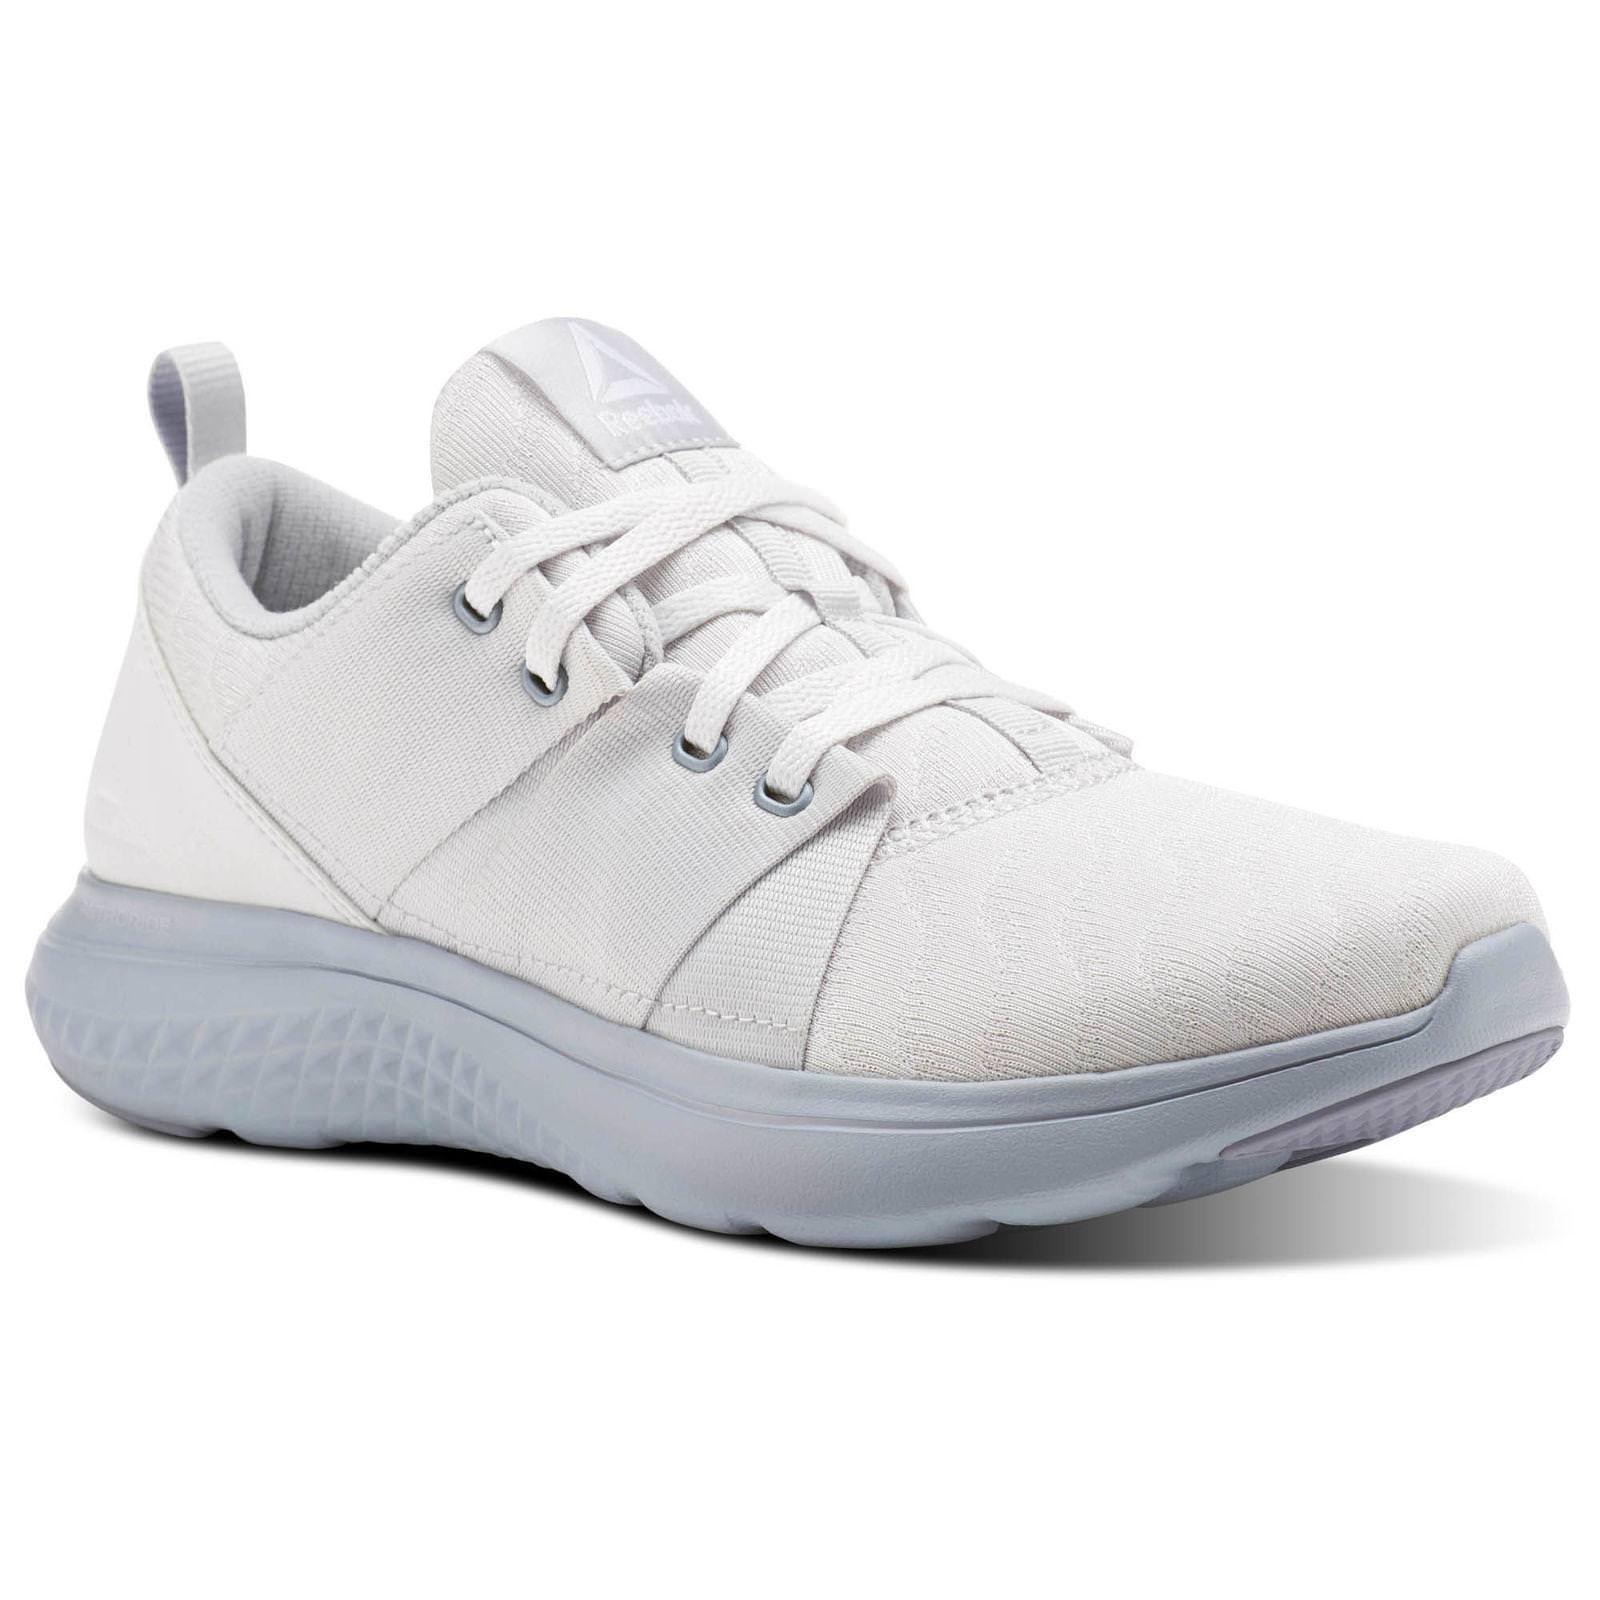 b57c142ac27d9 Reebok Women s Astroride Athlux Run Shoes - Slickdeals.net